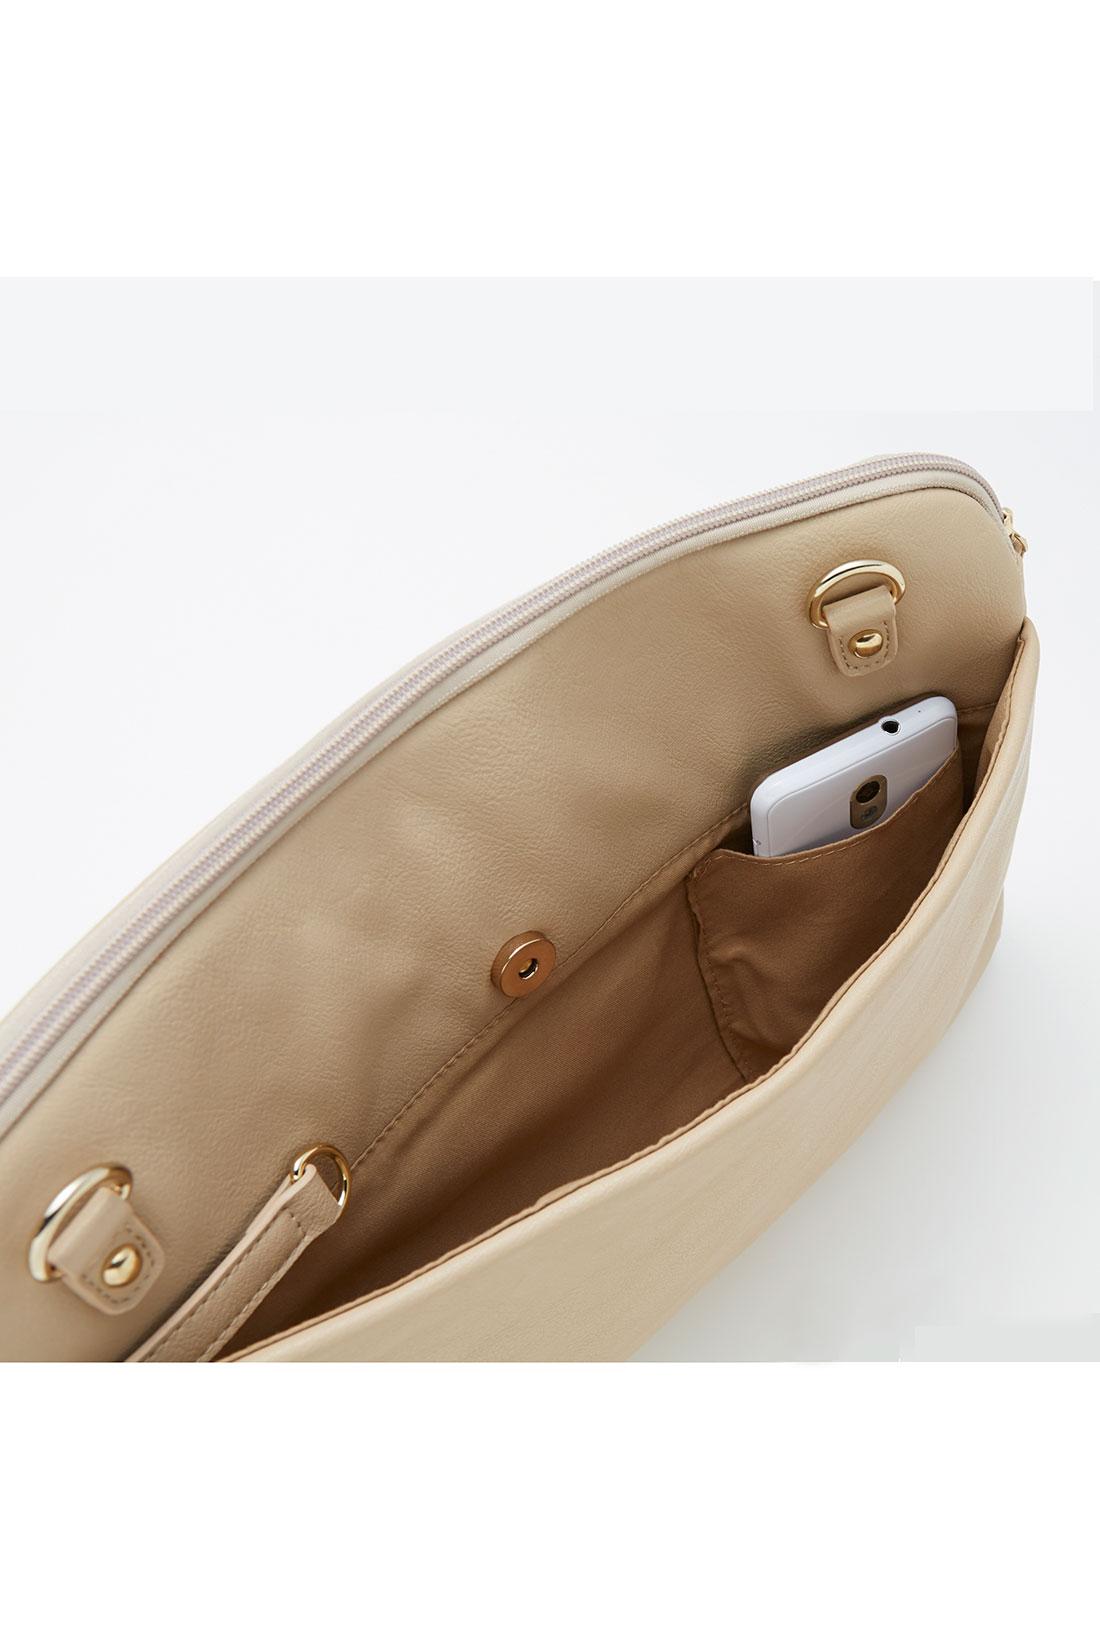 スマートフォンが入るポケットを外側に。一番取り出す頻度が多いから、取り出しやすい位置にこだわりました。 ※お届けするカラーとは異なります。